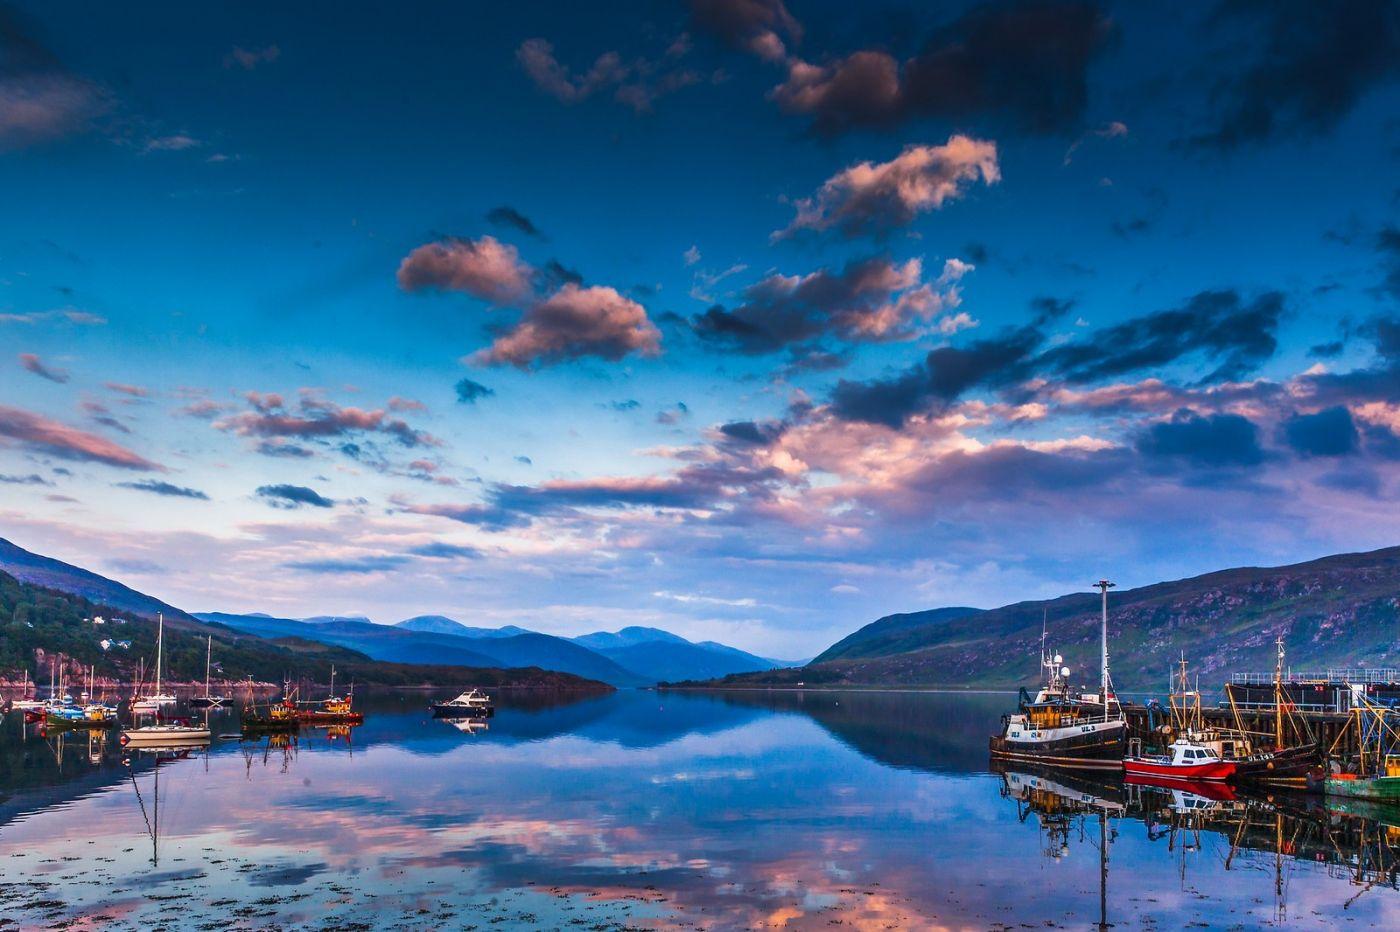 苏格兰阿勒浦(Ullapool),如镜的湖面_图1-9